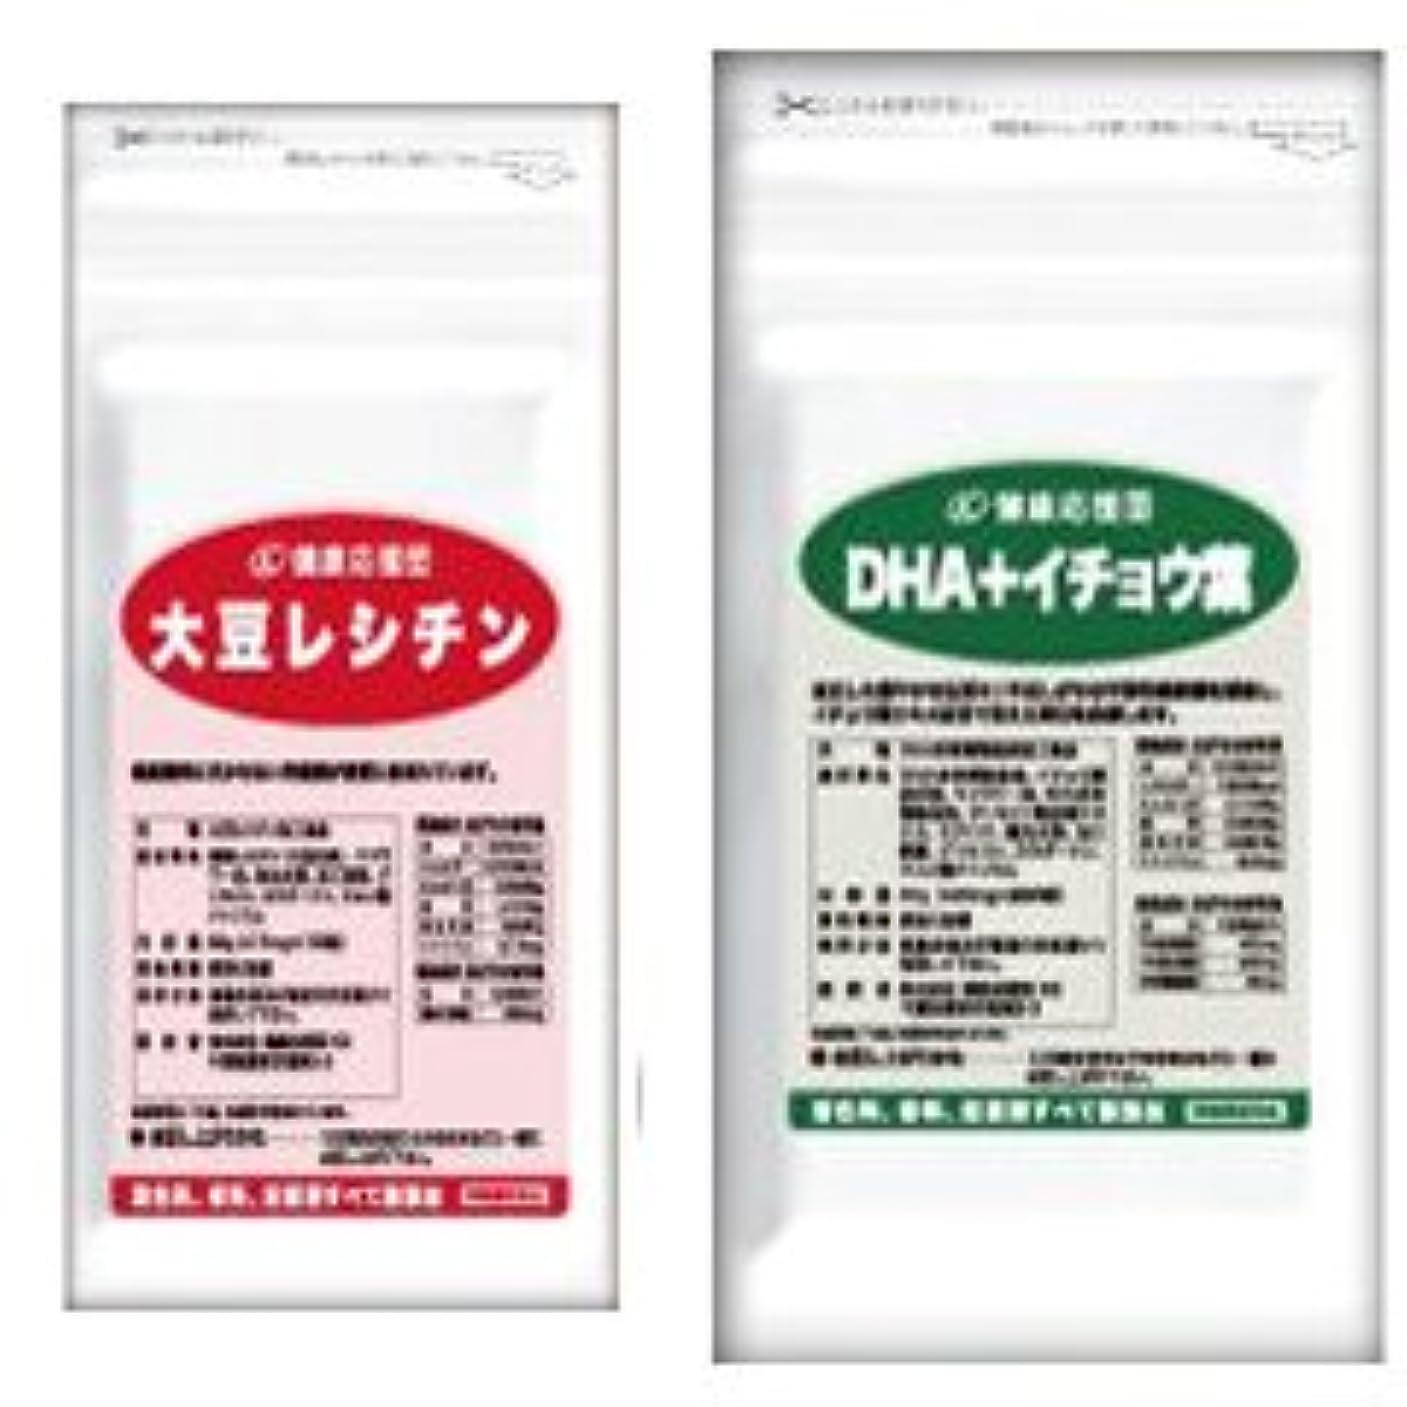 ペースト絶妙助手流れサラサラセット 大豆レシチン+(DHA+イチョウ葉) (DHA?EPA?イチョウ葉)